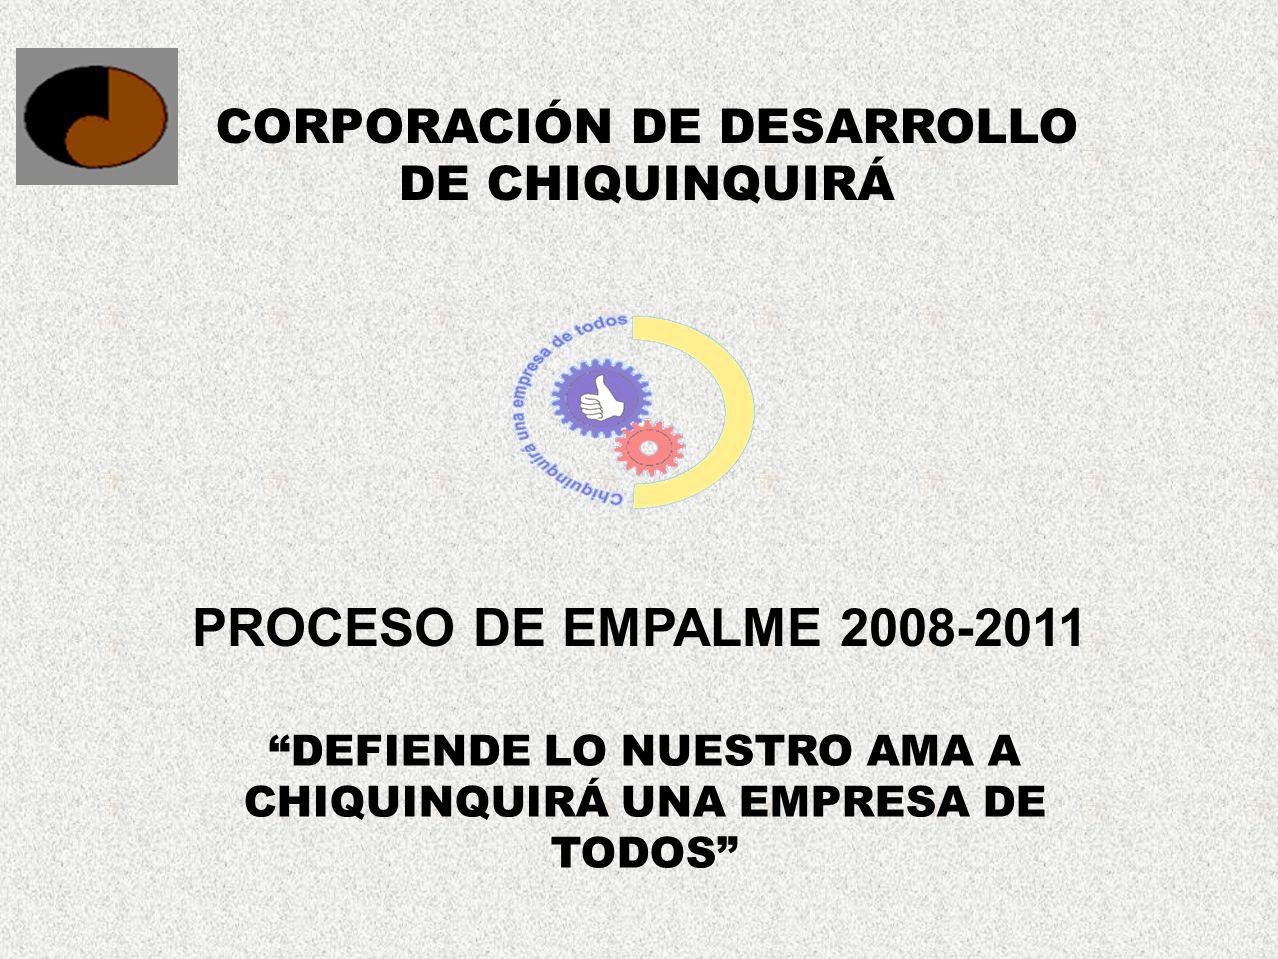 PROCESO DE EMPALME 2008-2011 CORPORACIÓN DE DESARROLLO DE CHIQUINQUIRÁ